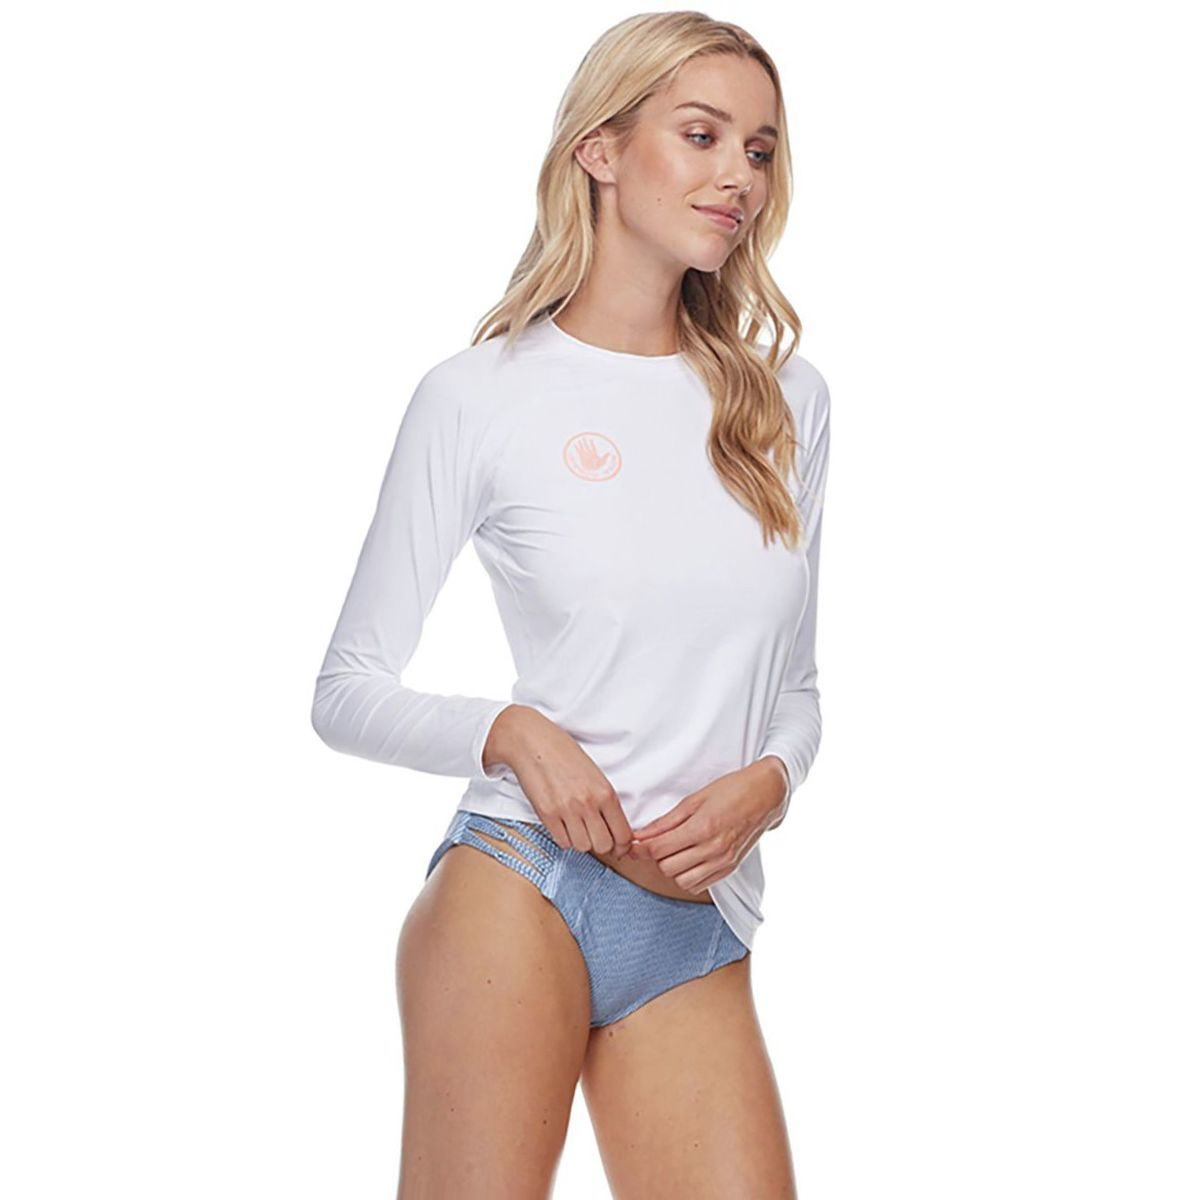 Body Glove Smoothies Sleek Rashguard - Women's